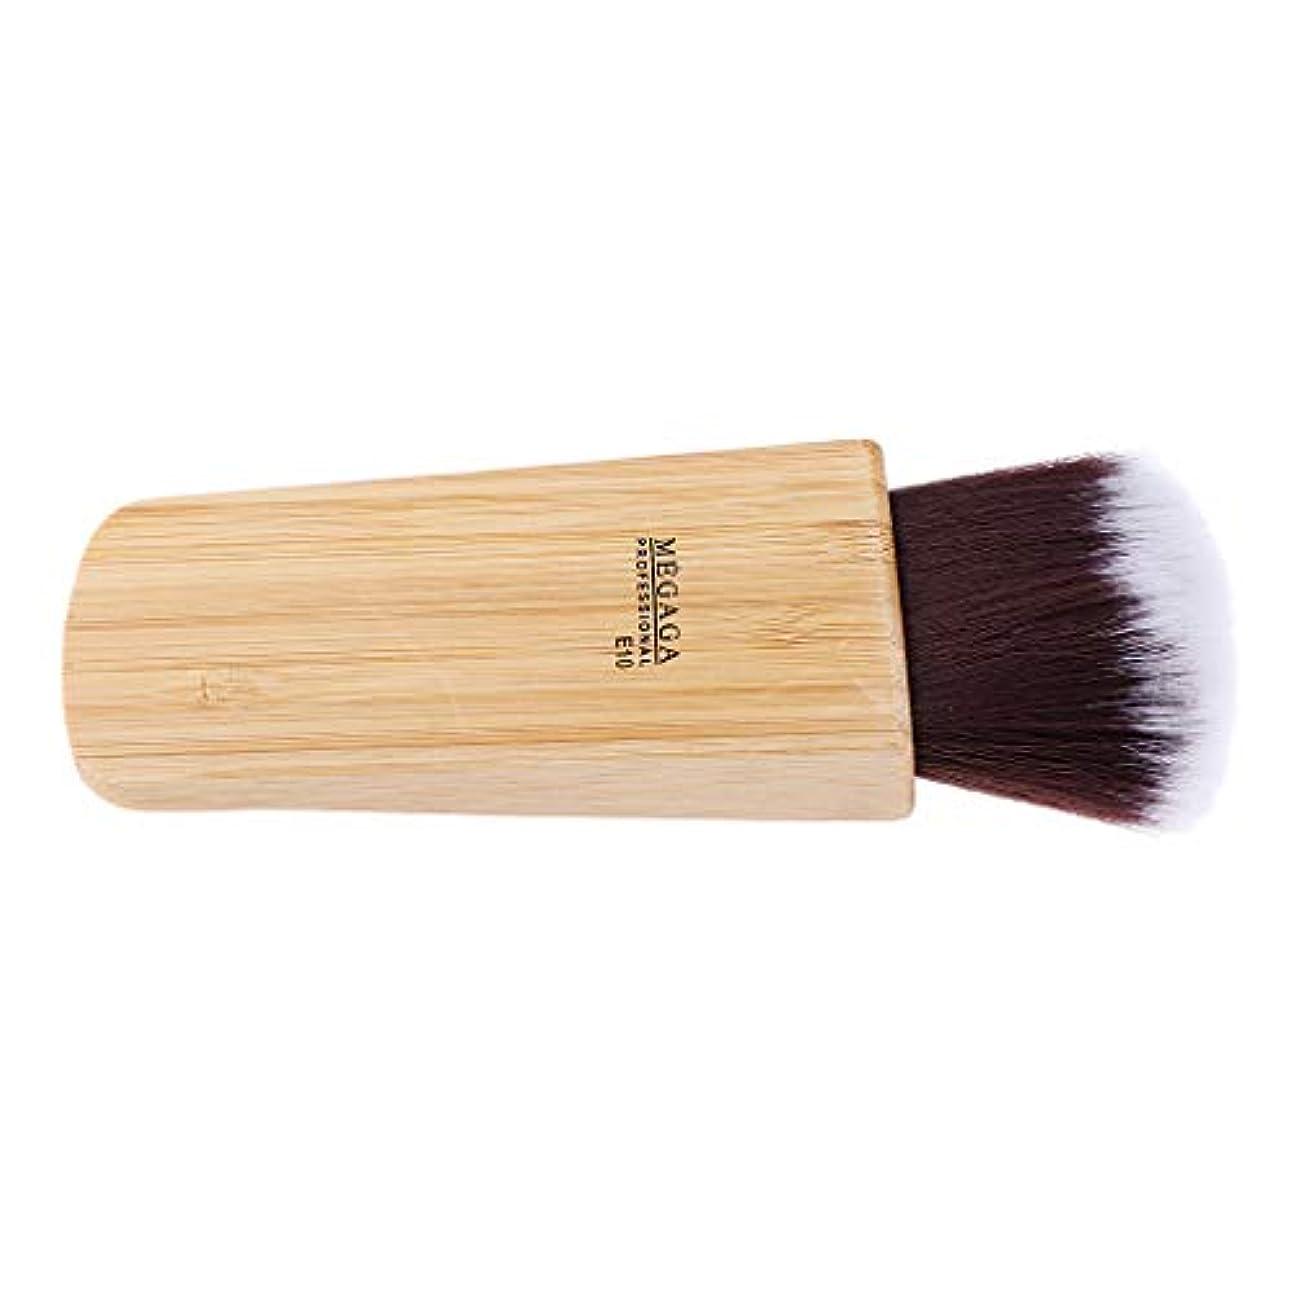 不調和幻滅する痛いF Fityle ネックダスターブラシ ヘアカット ネックブラシ 洗浄 ヘアブラシ 理髪美容ツール